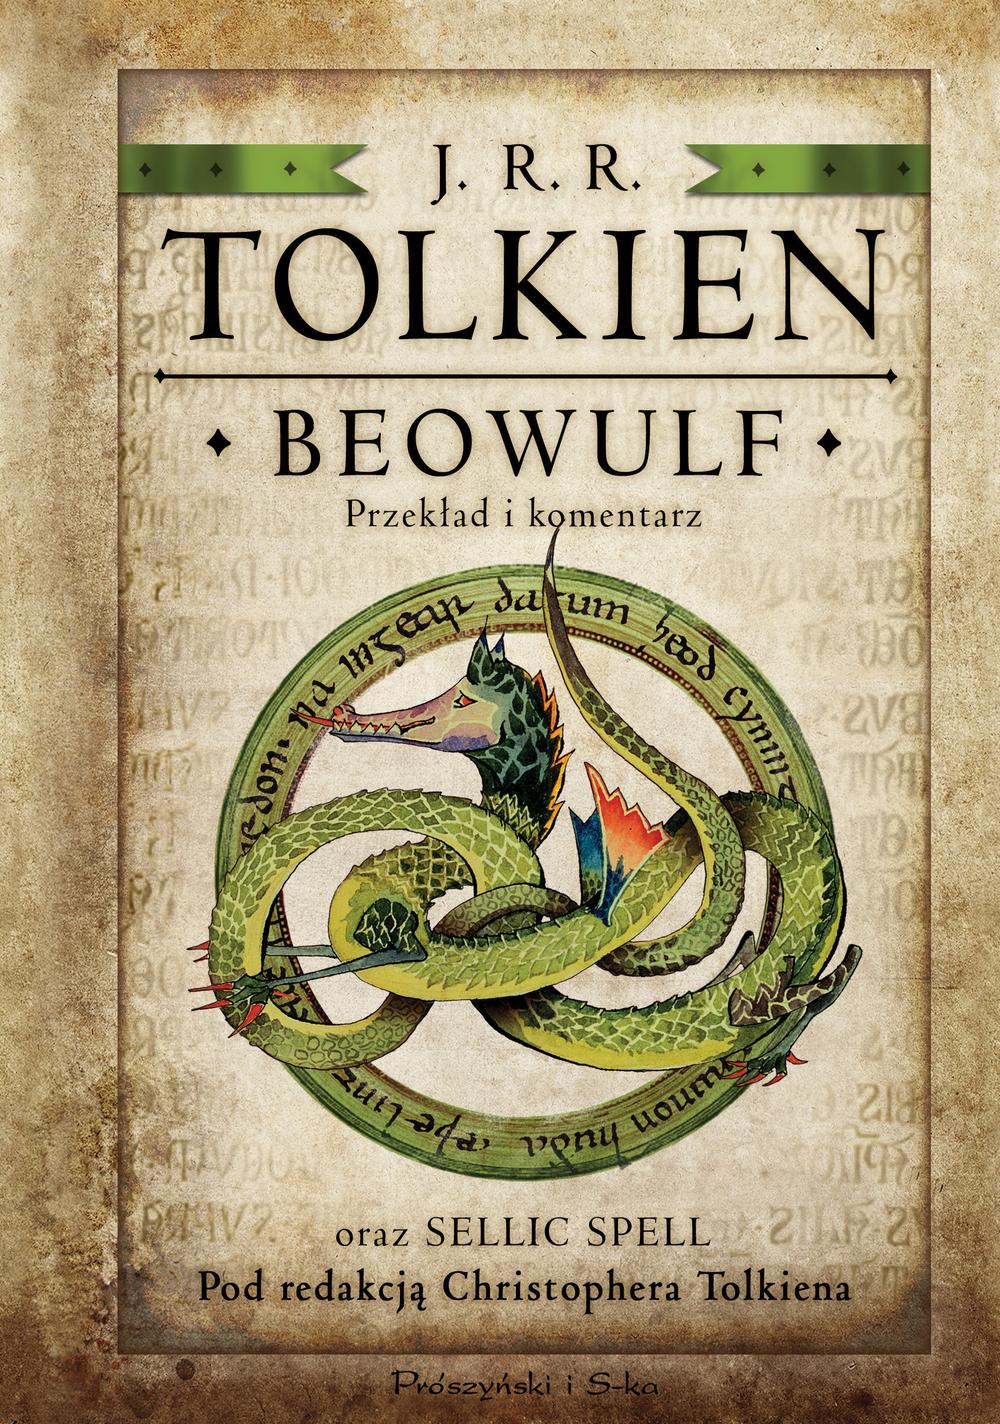 Beowulf. Przekład i komentarz oraz Sellic Spell... - J.R.R TOLKIEN